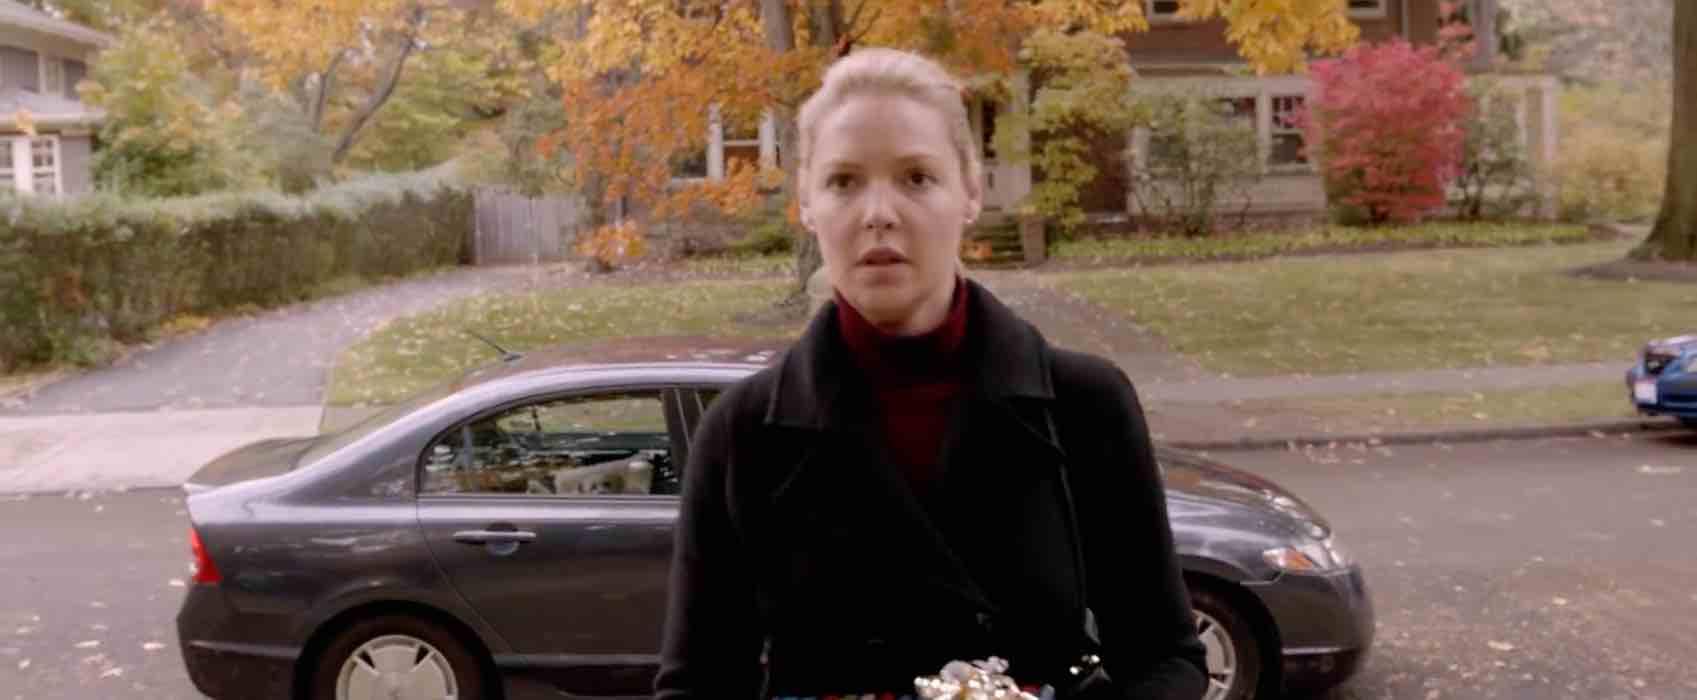 La 5, 'Jenny's Wedding': trama e cast del film con Alexis BledelLa 5, 'Jenny's Wedding': trama e cast del film con Alexis Bledel